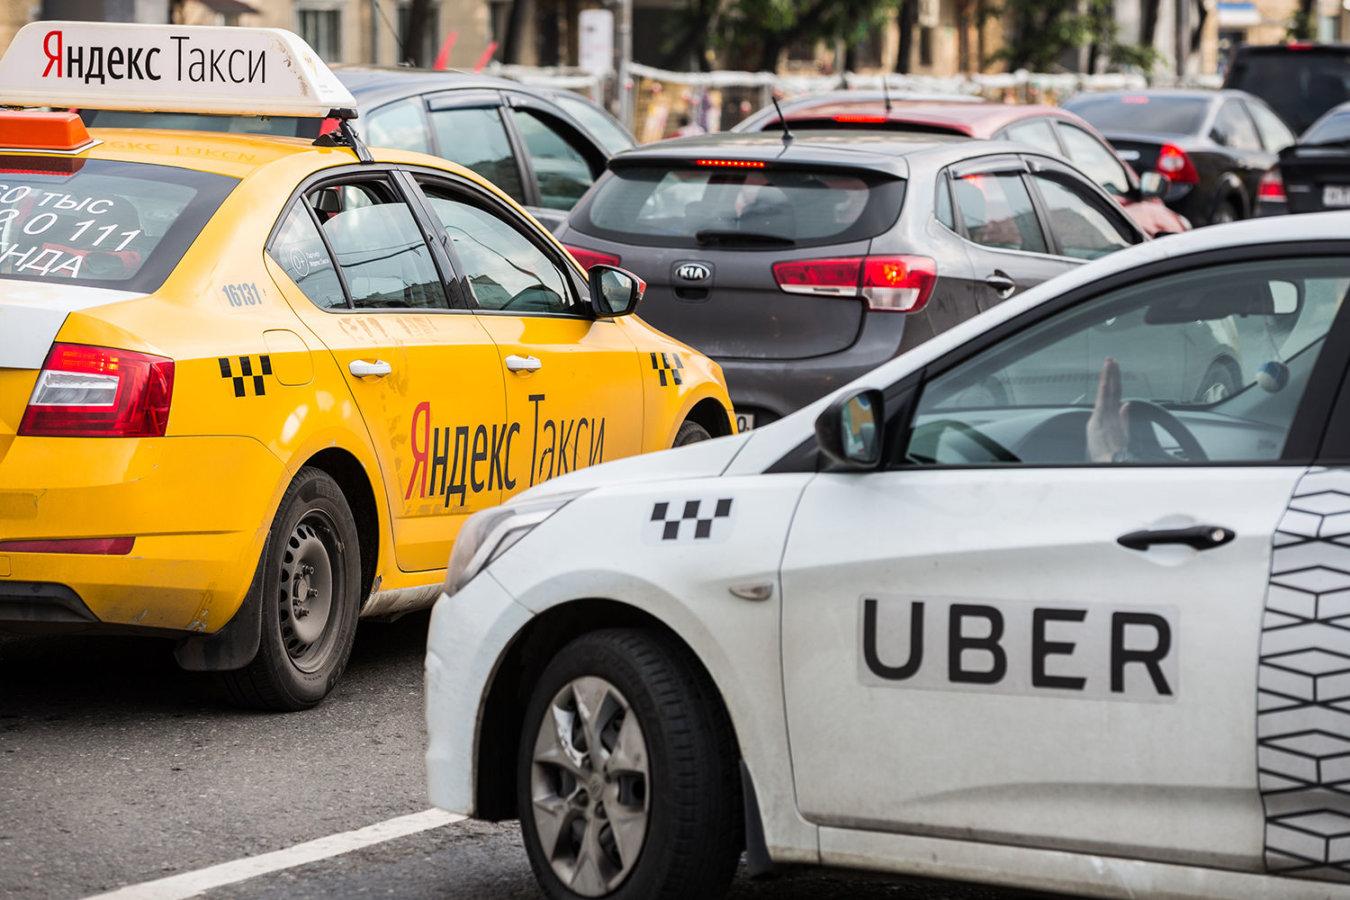 такси uber yandex